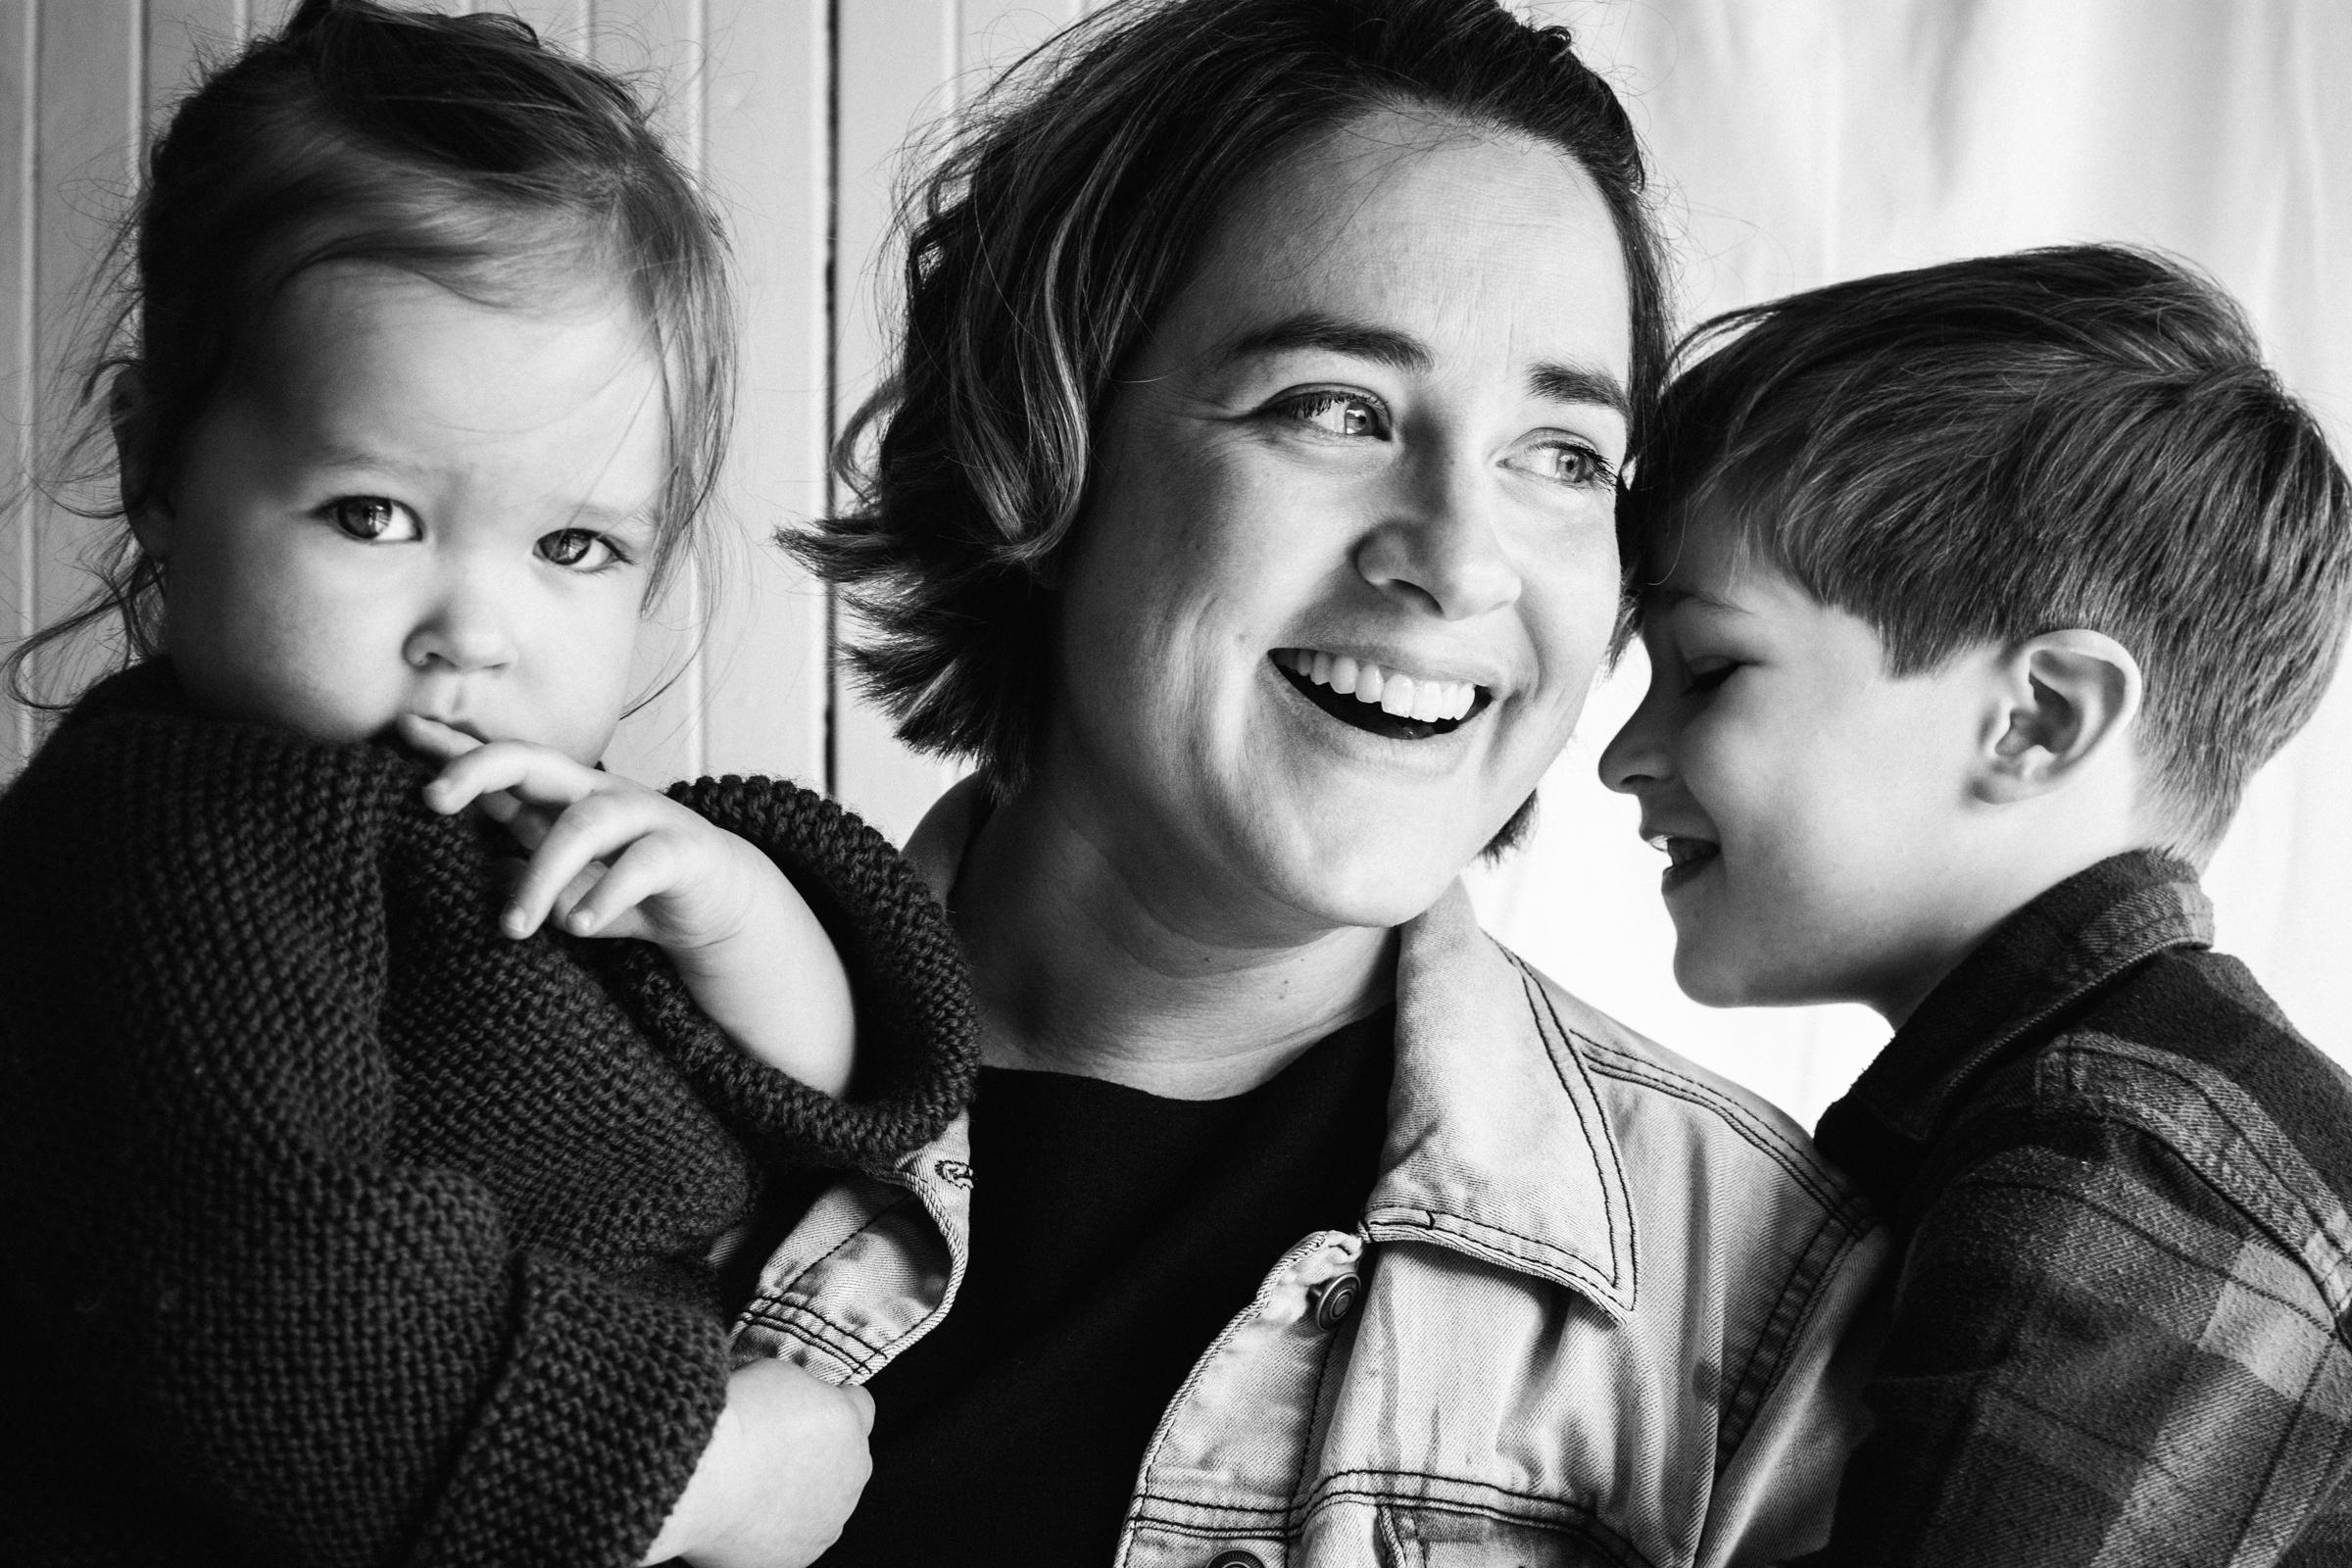 photo-noir-et-blanc-d-une-mere-souriante-avec-ses-deux-enfants-dans-les-bras-photographe-famille-a-montreal-cadeau-fete-des-meres-14.jpg